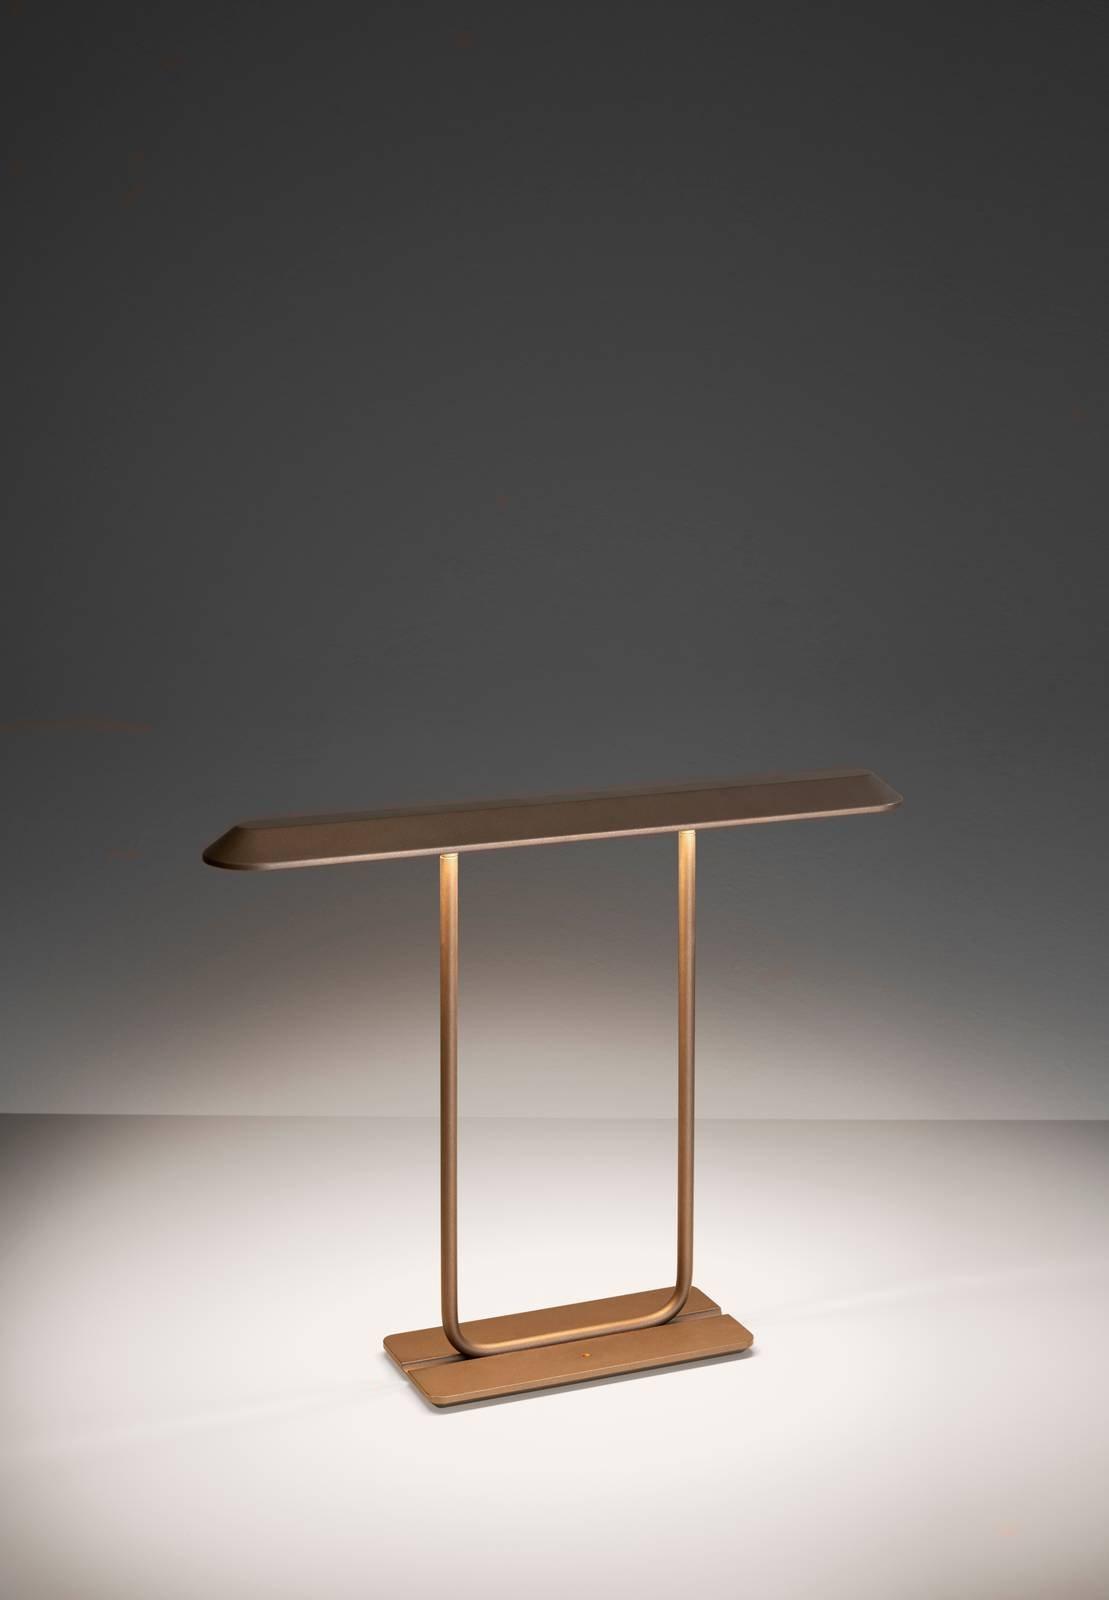 Lampade da tavolo illuminazione scultorea a euroluce 2017 cose di casa - Lampade da tavolo particolari ...